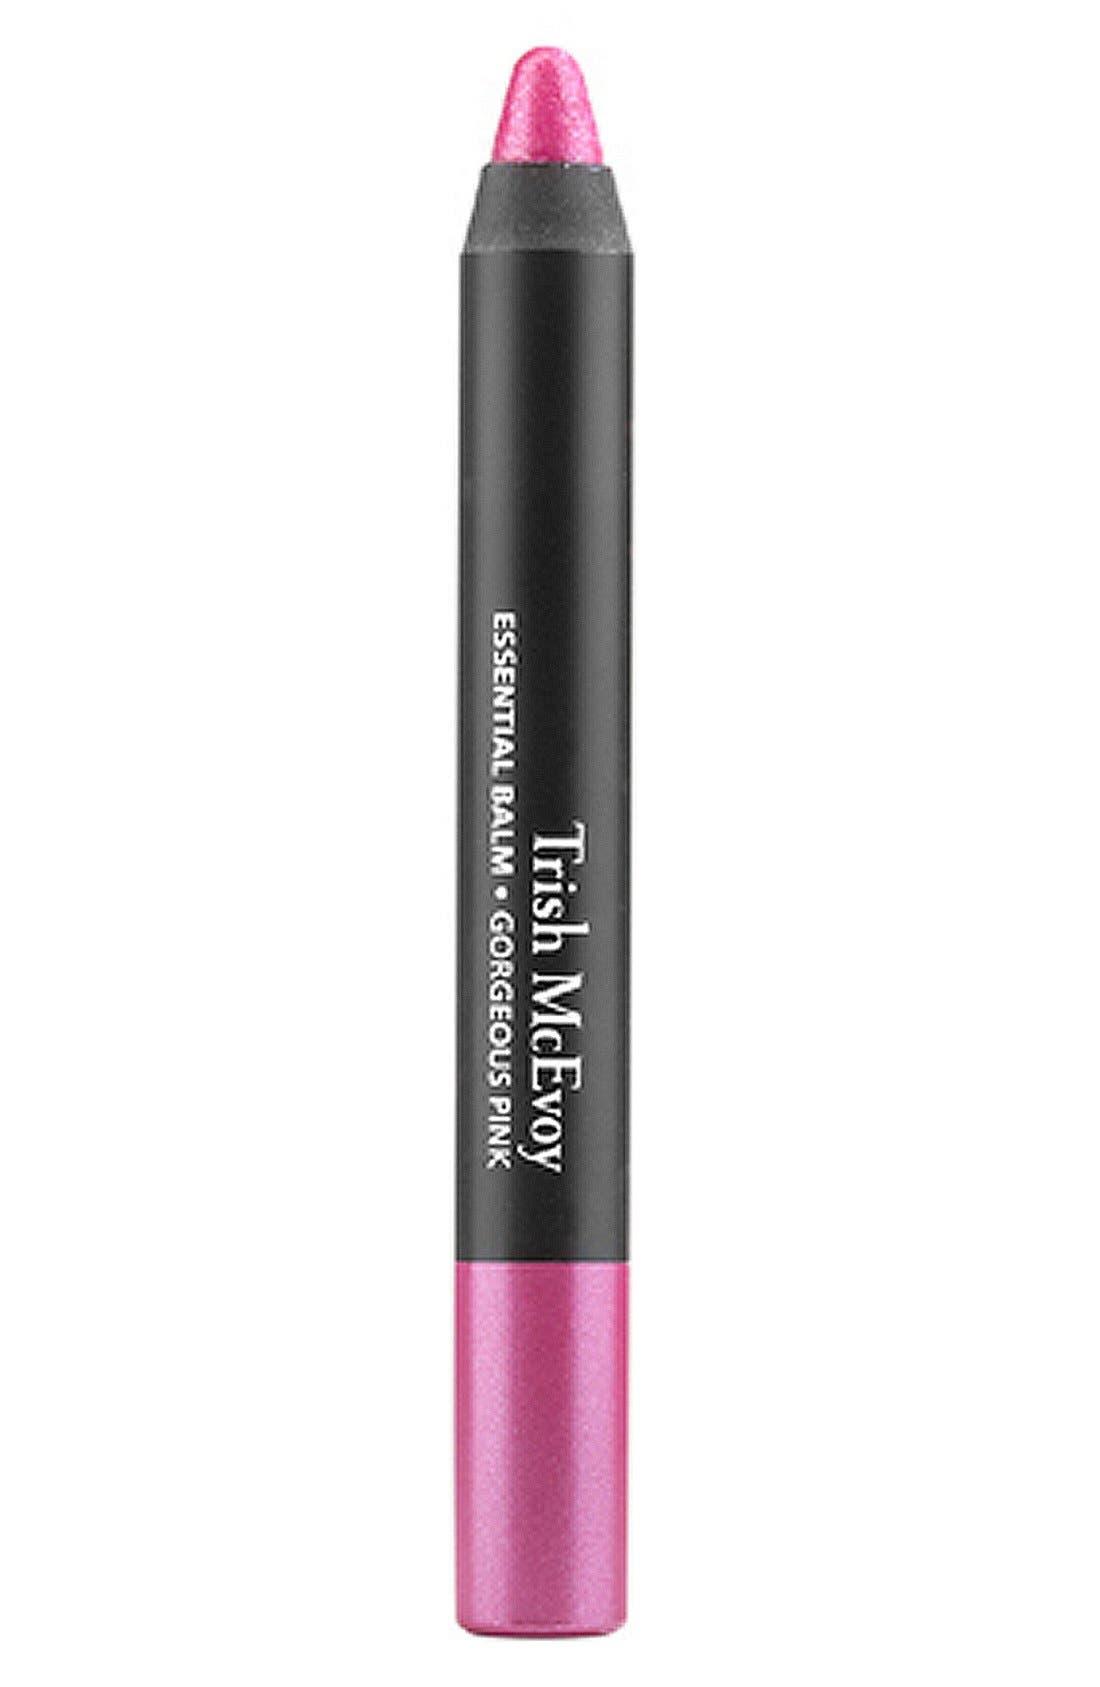 Trish McEvoy 'Essential Balm' Lip Crayon